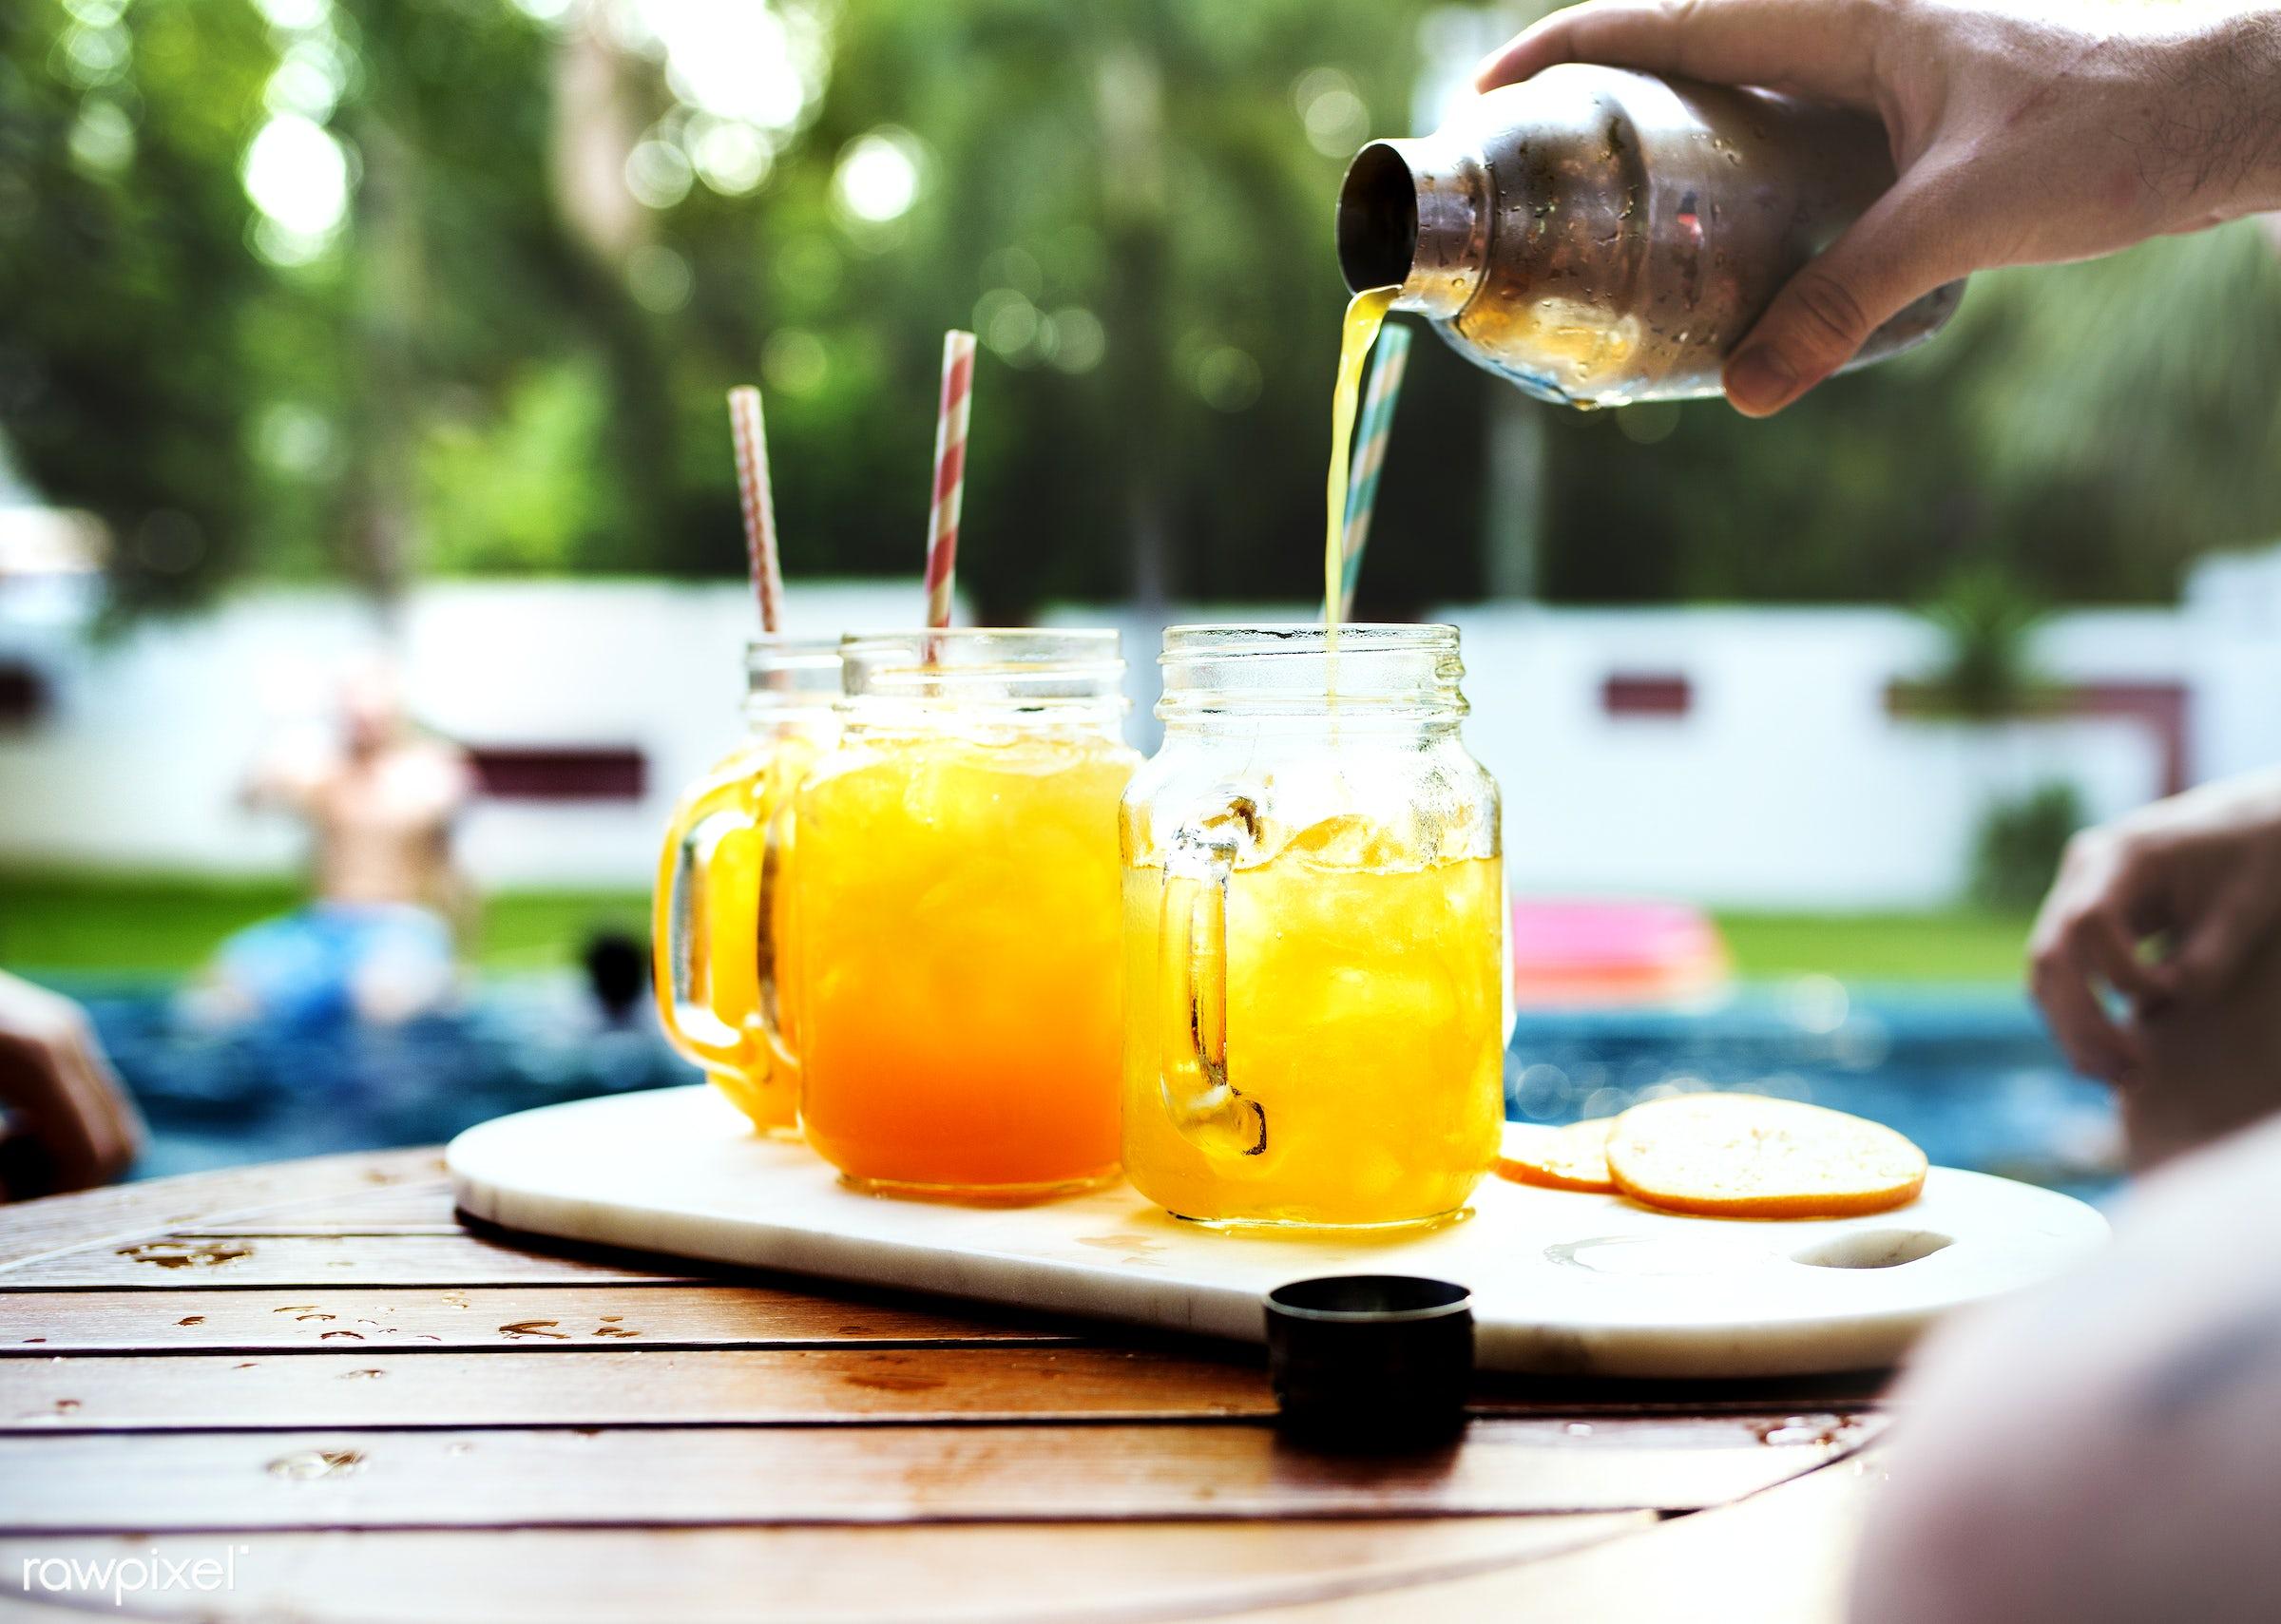 cocktail, pool, beverage, cocktails, drink, fruit, glass, hanging out, juice, leisure, mocktail, orange, party, poolside,...